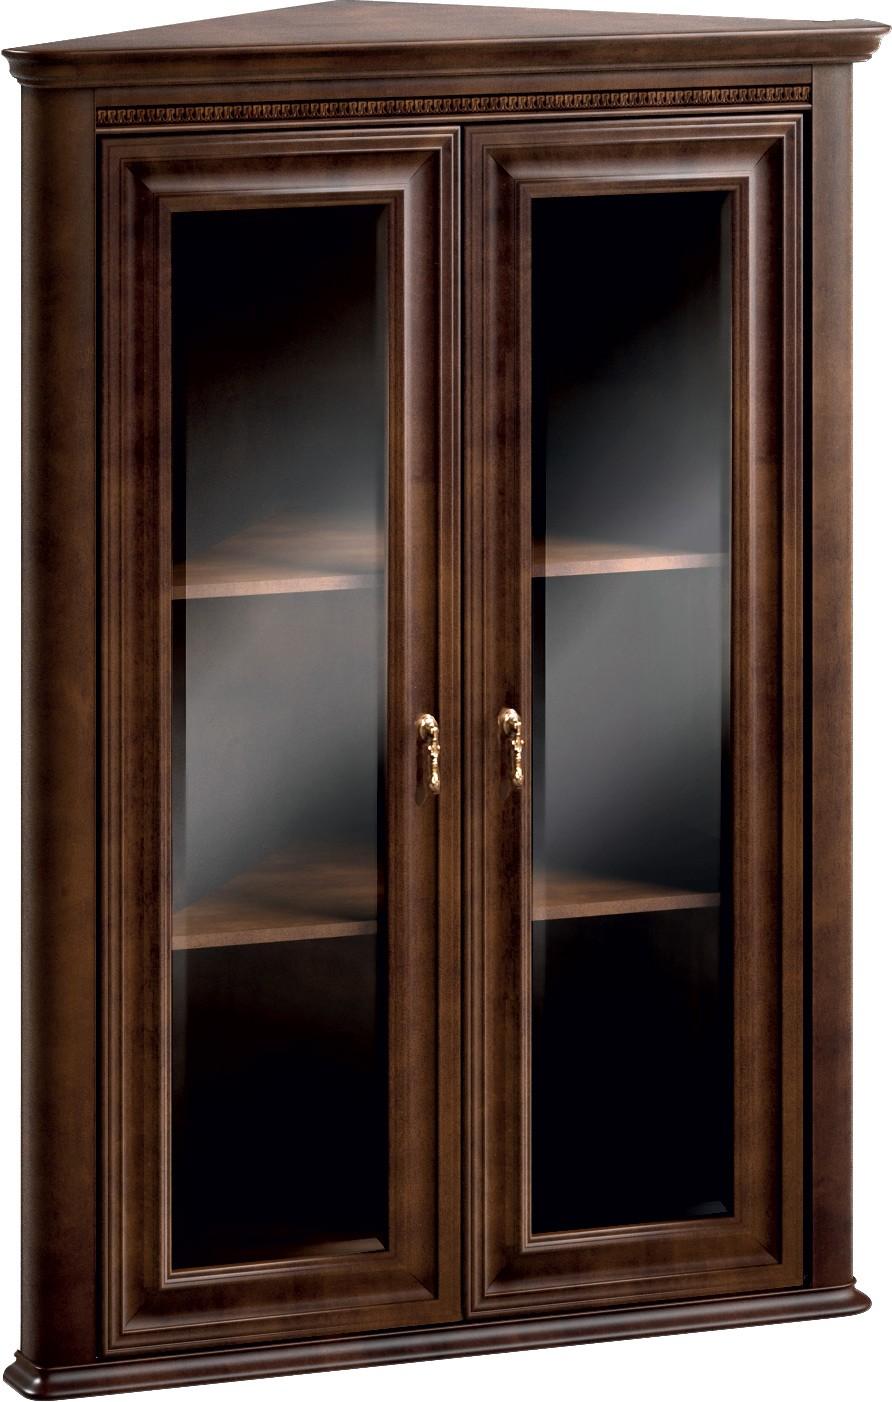 Горна част на ъглова витрина V-W/n Verona - арт мебели естествено дърво